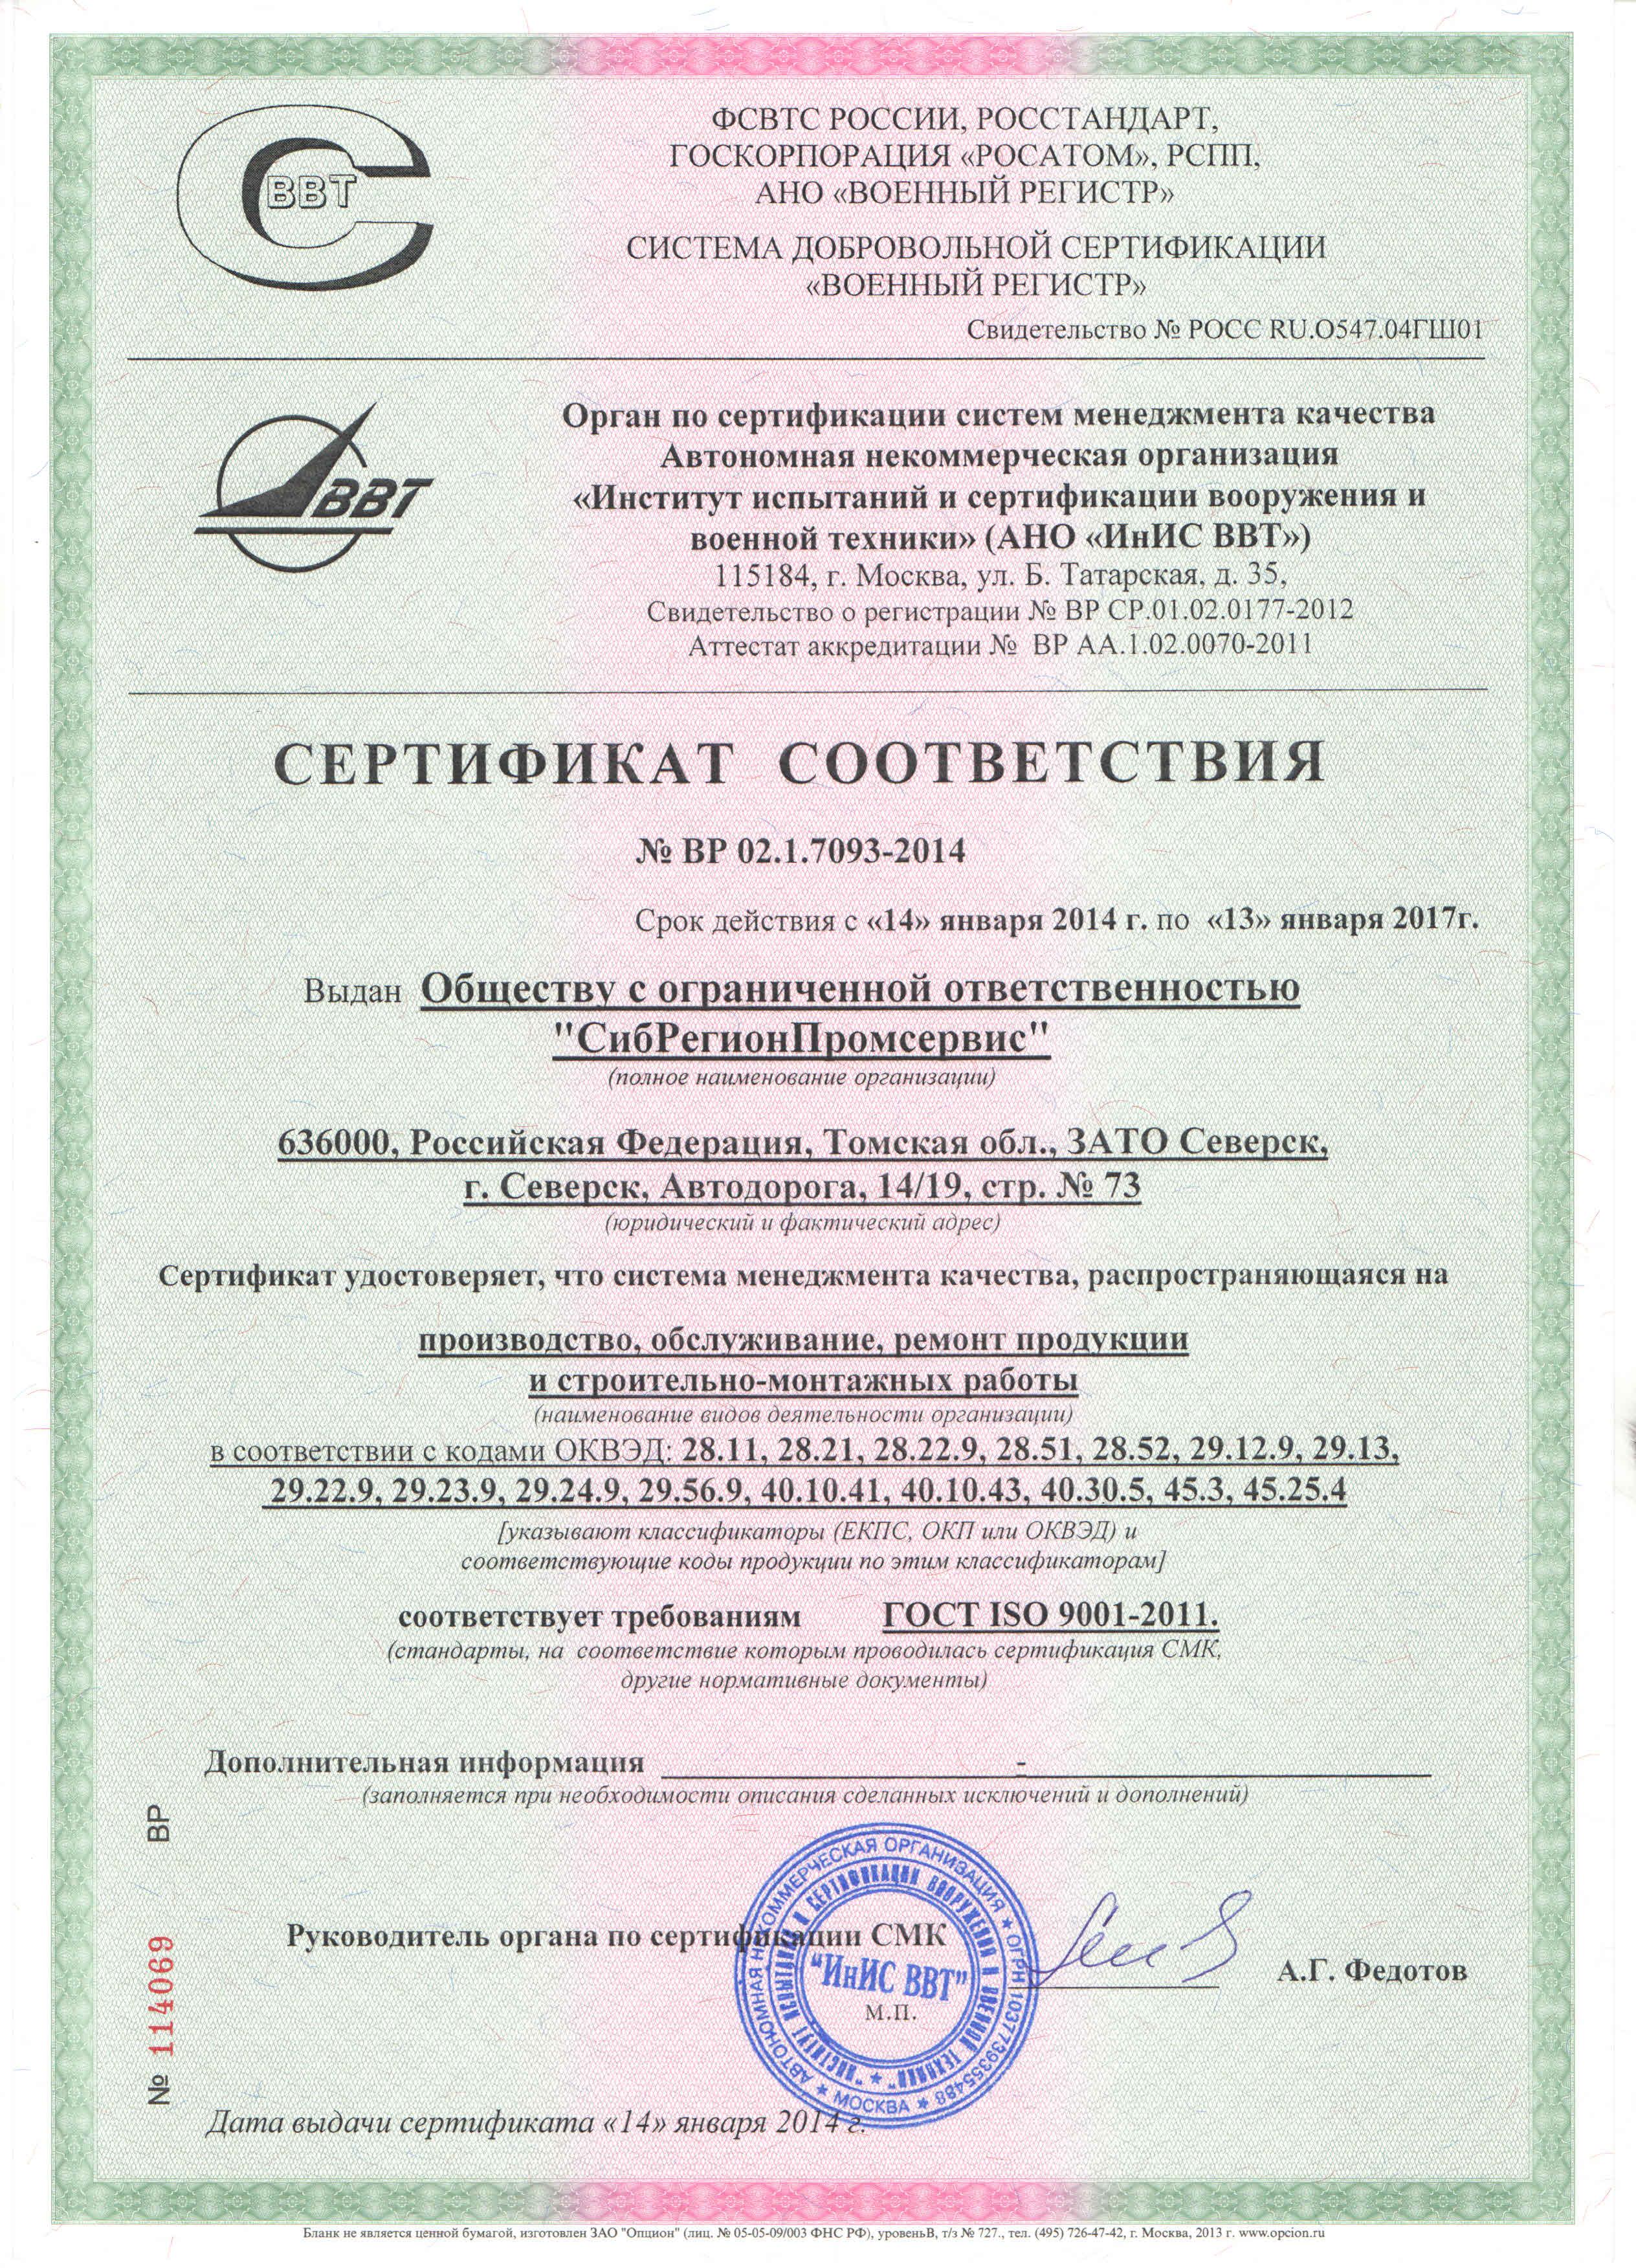 Сертификация исо 9001 своими силами сертификат качества гост 11069-74